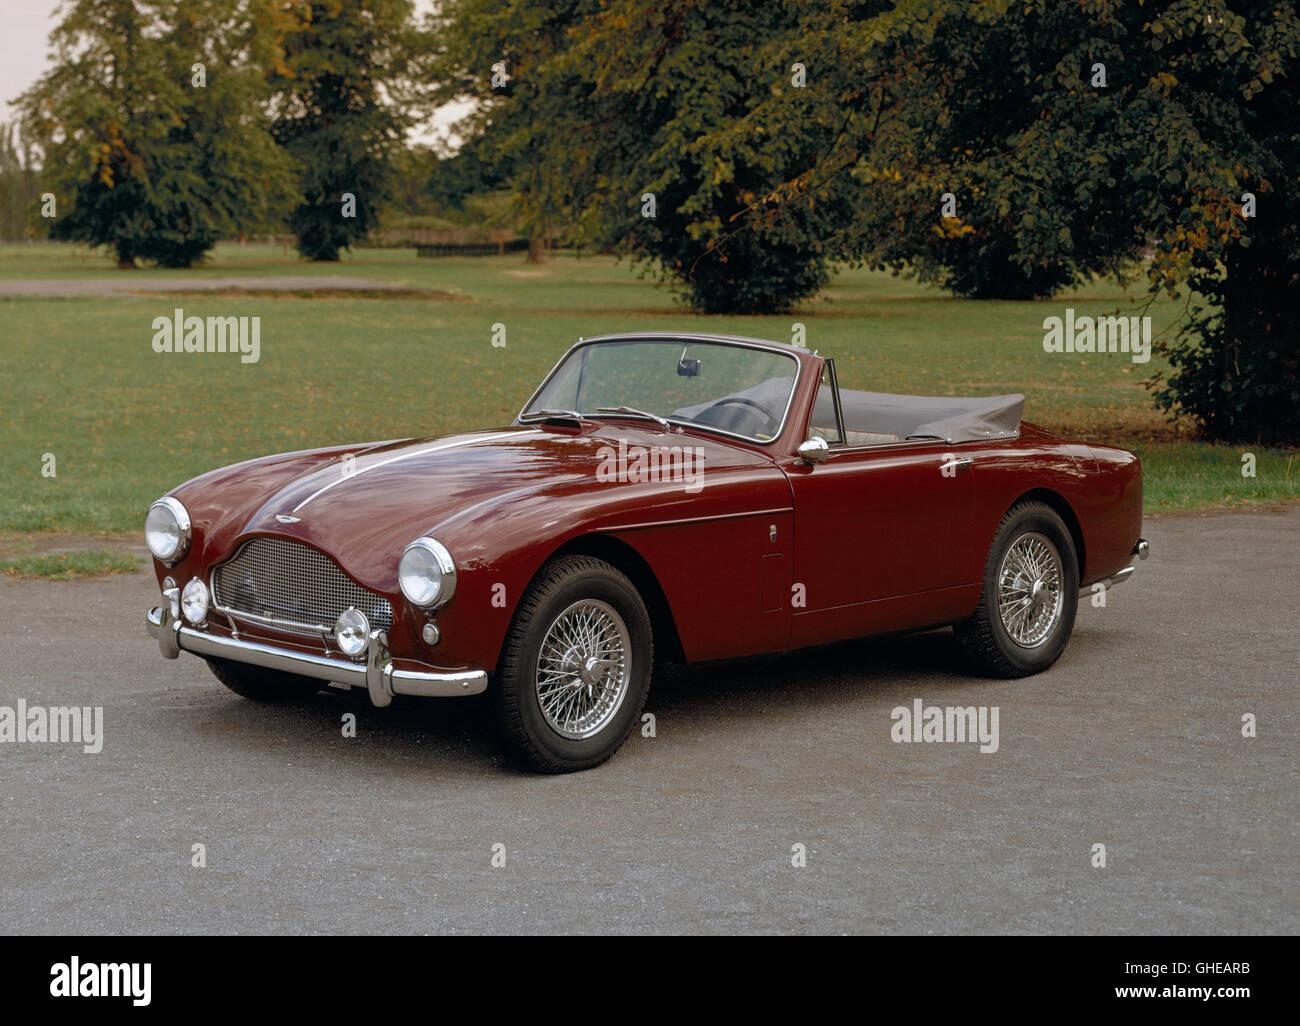 1959 Aston Martin DB Mk III drophead coupe. - Stock Image